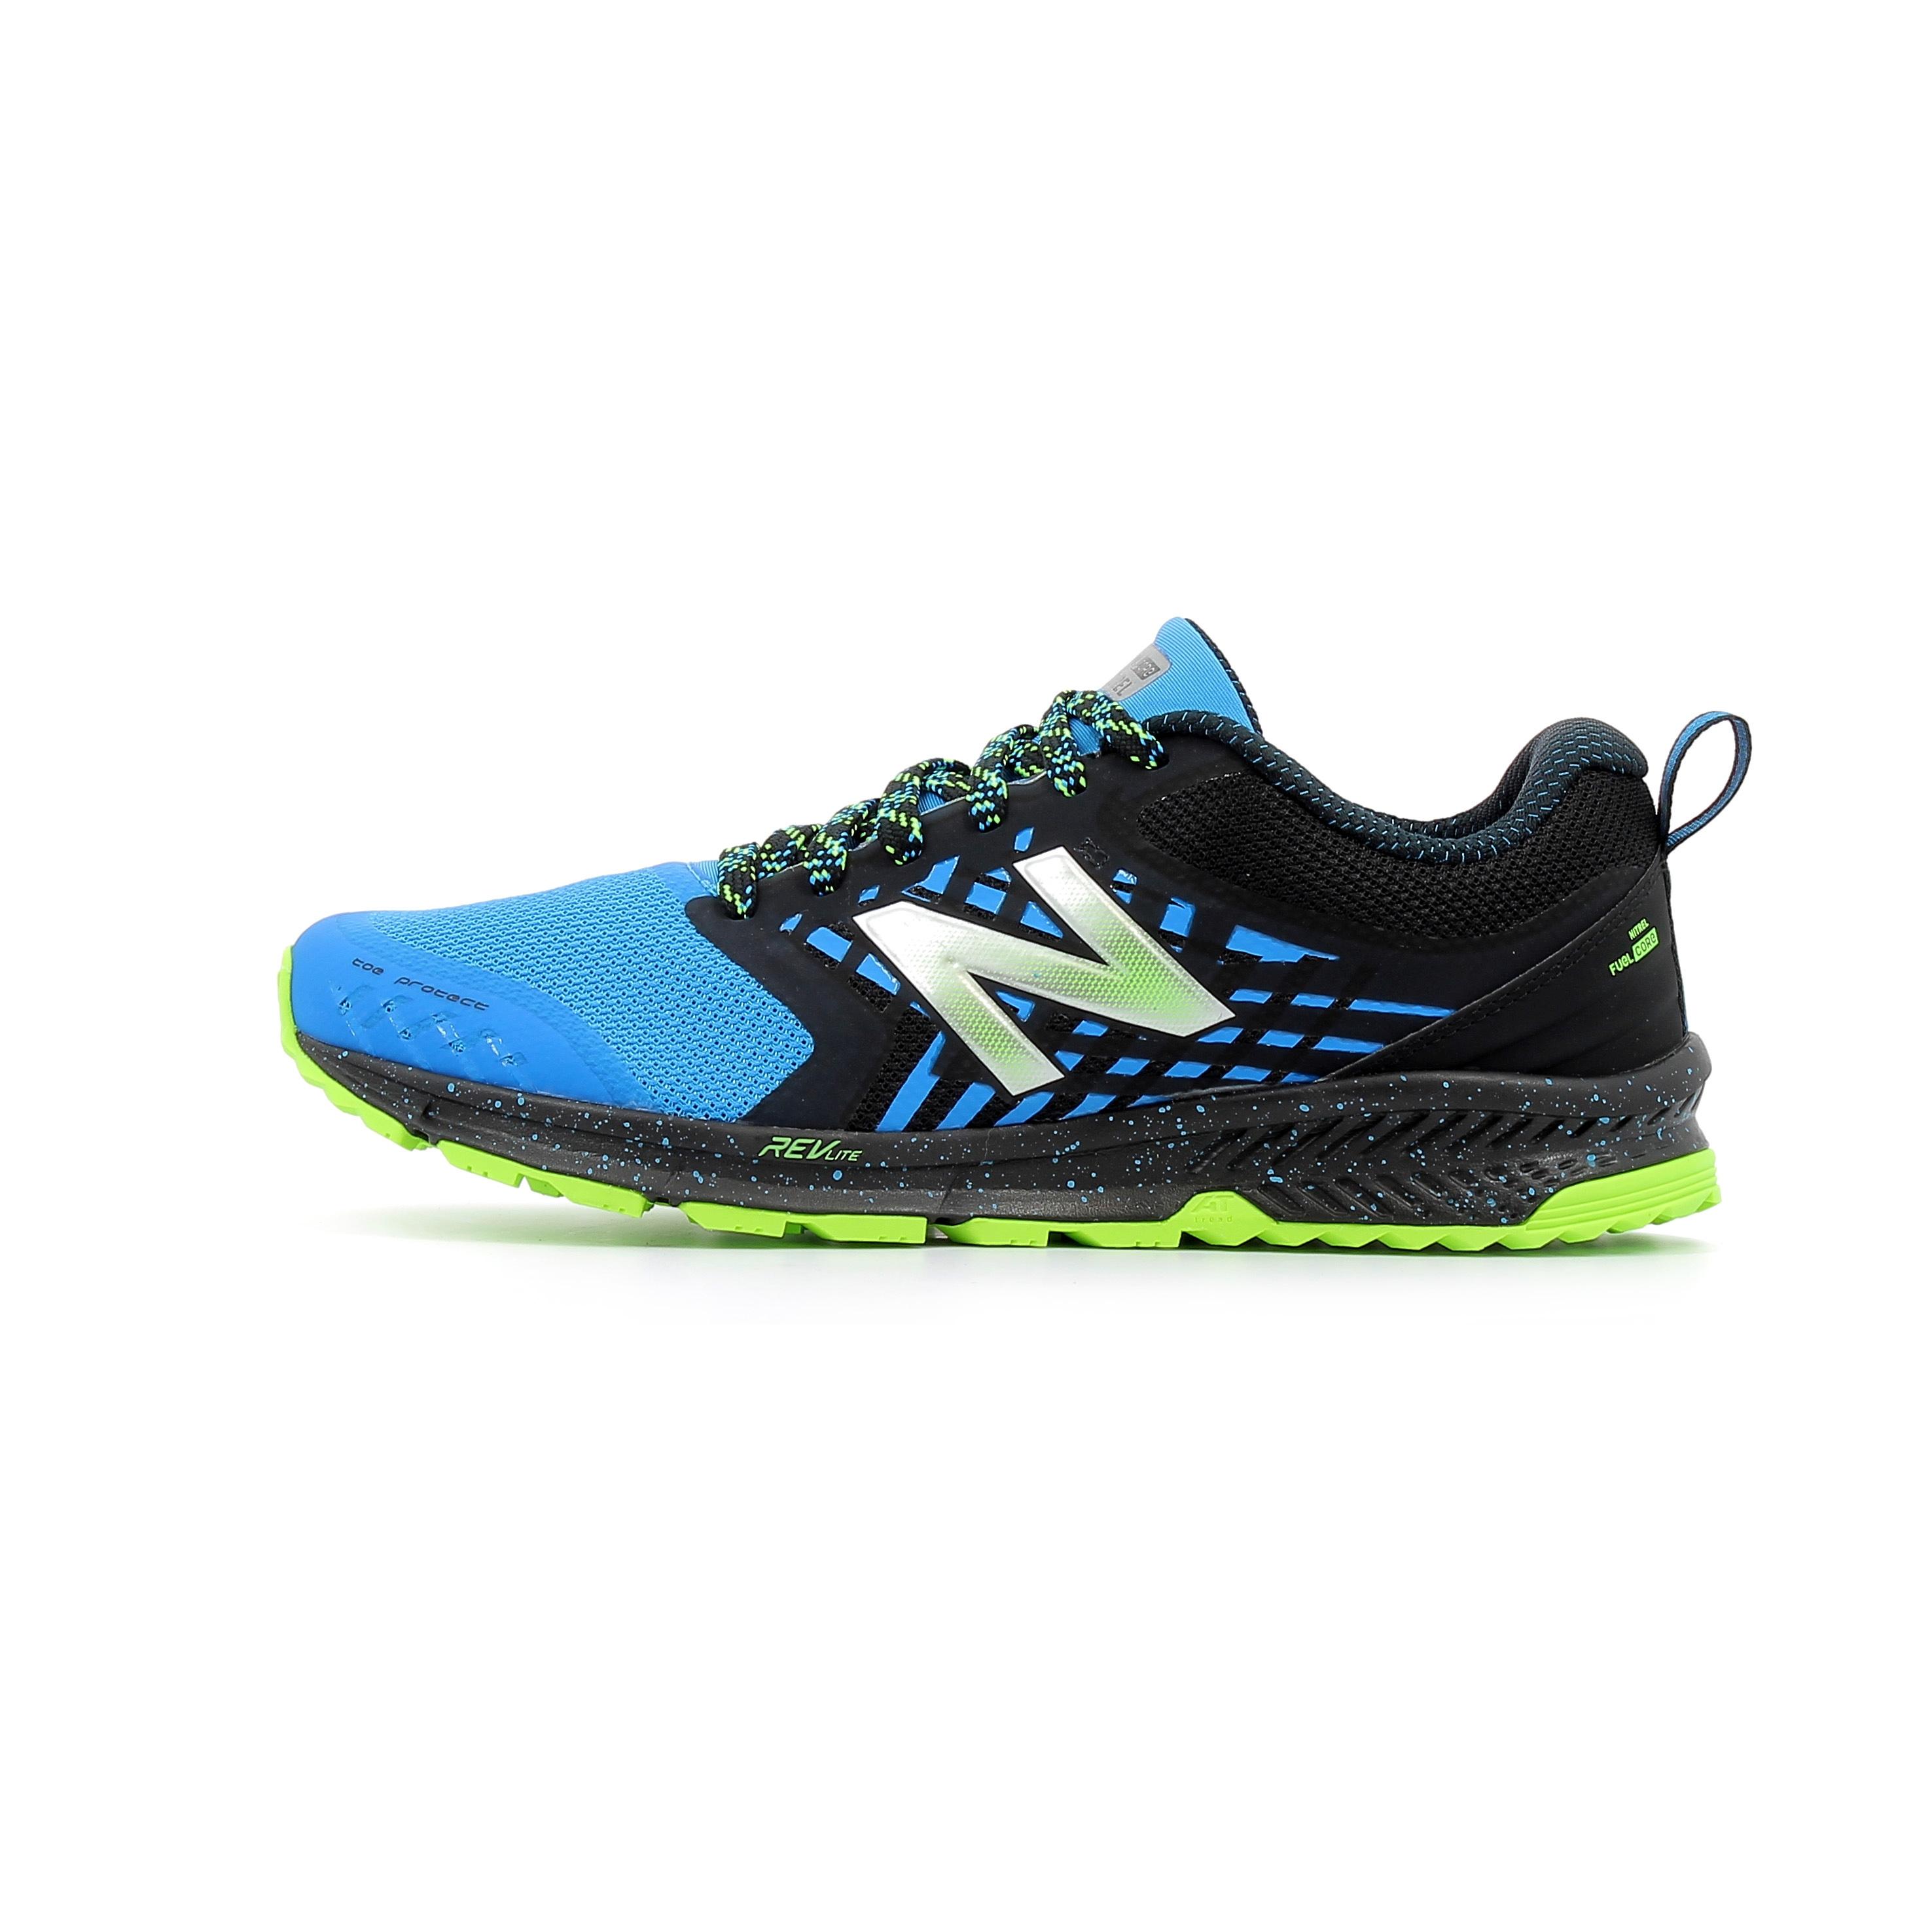 66ee269c4d67 Chaussures de Trail Running New Balance FuelCore Nitrel V1 | Alltricks.com